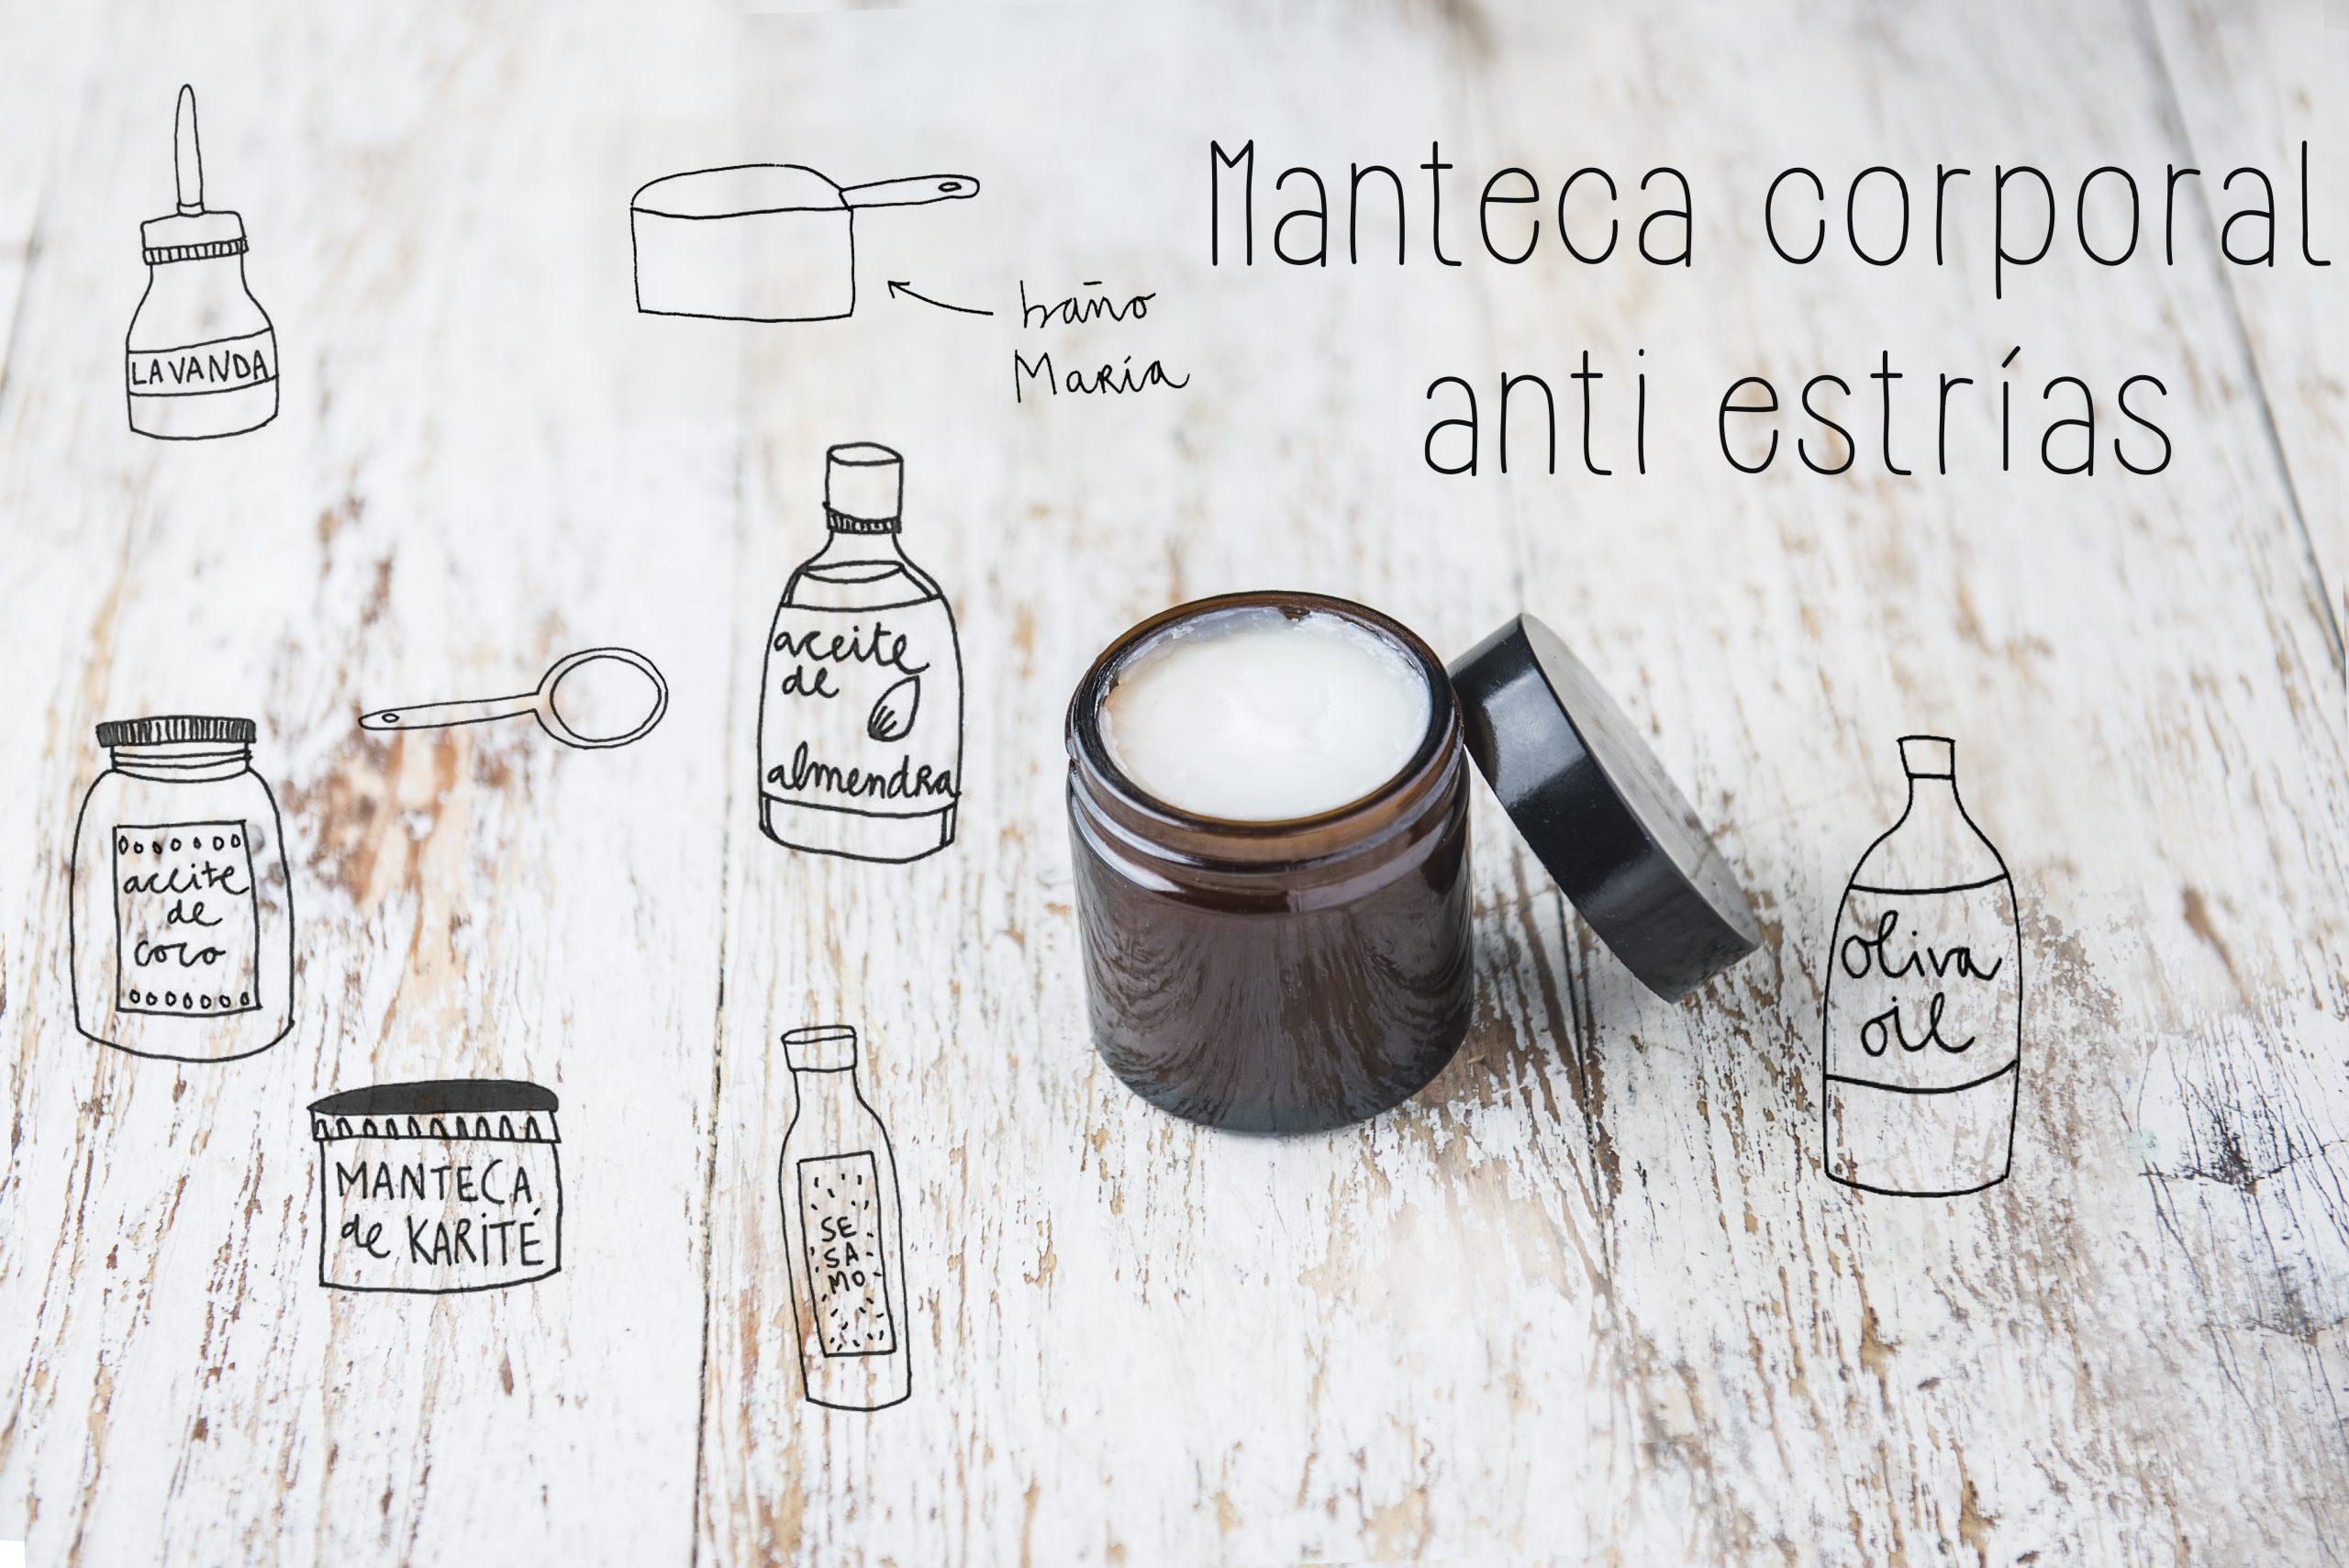 Mantega corporal antiestries - Cosmètica casolana - Veritas